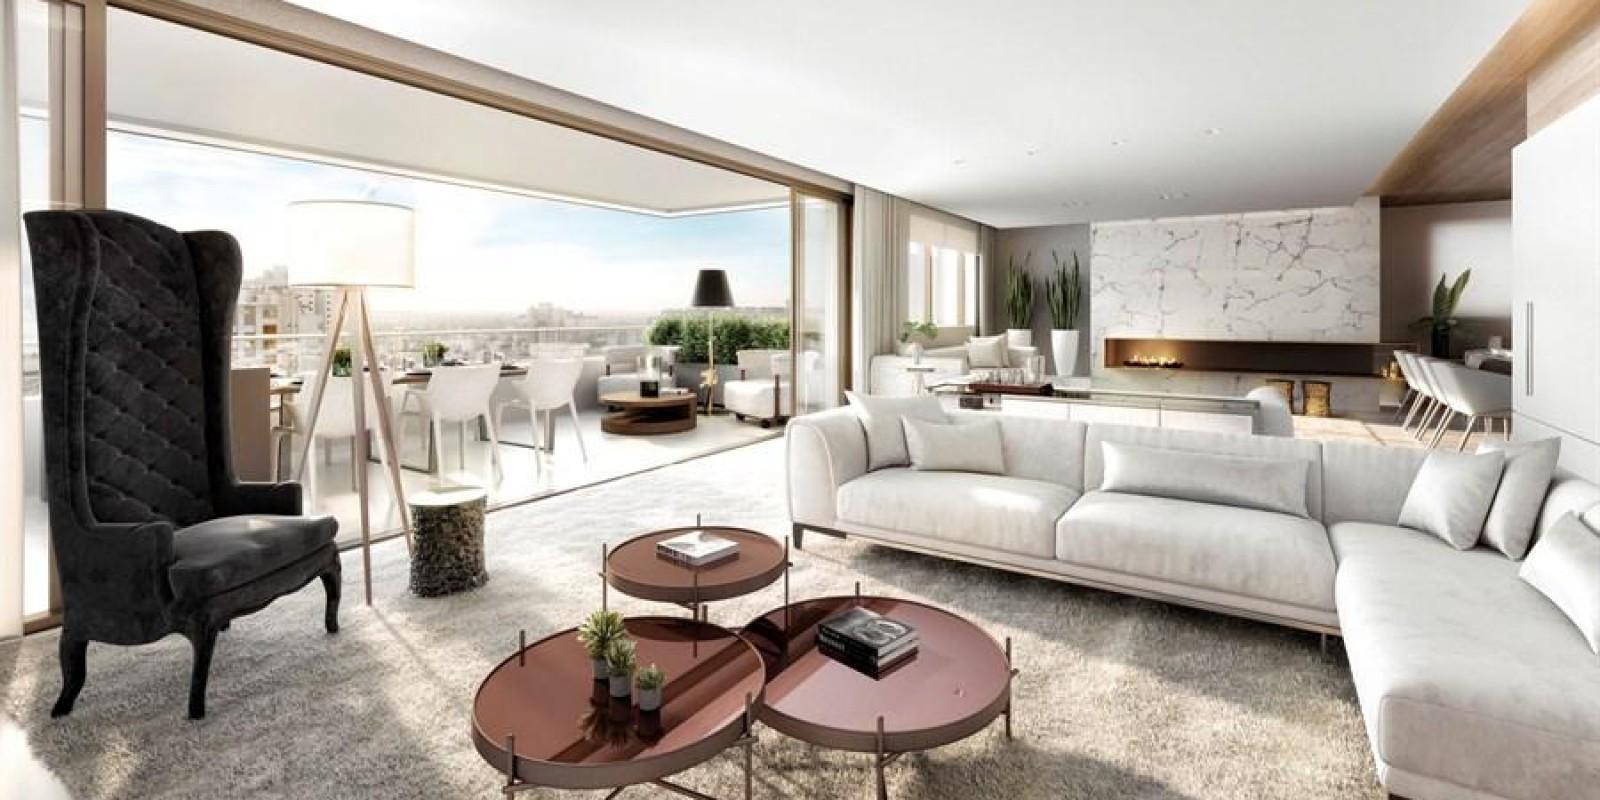 TPS Imóveis - Veja Foto 1 de 5 do Apartamento de Luxo A Venda Porto Alegre